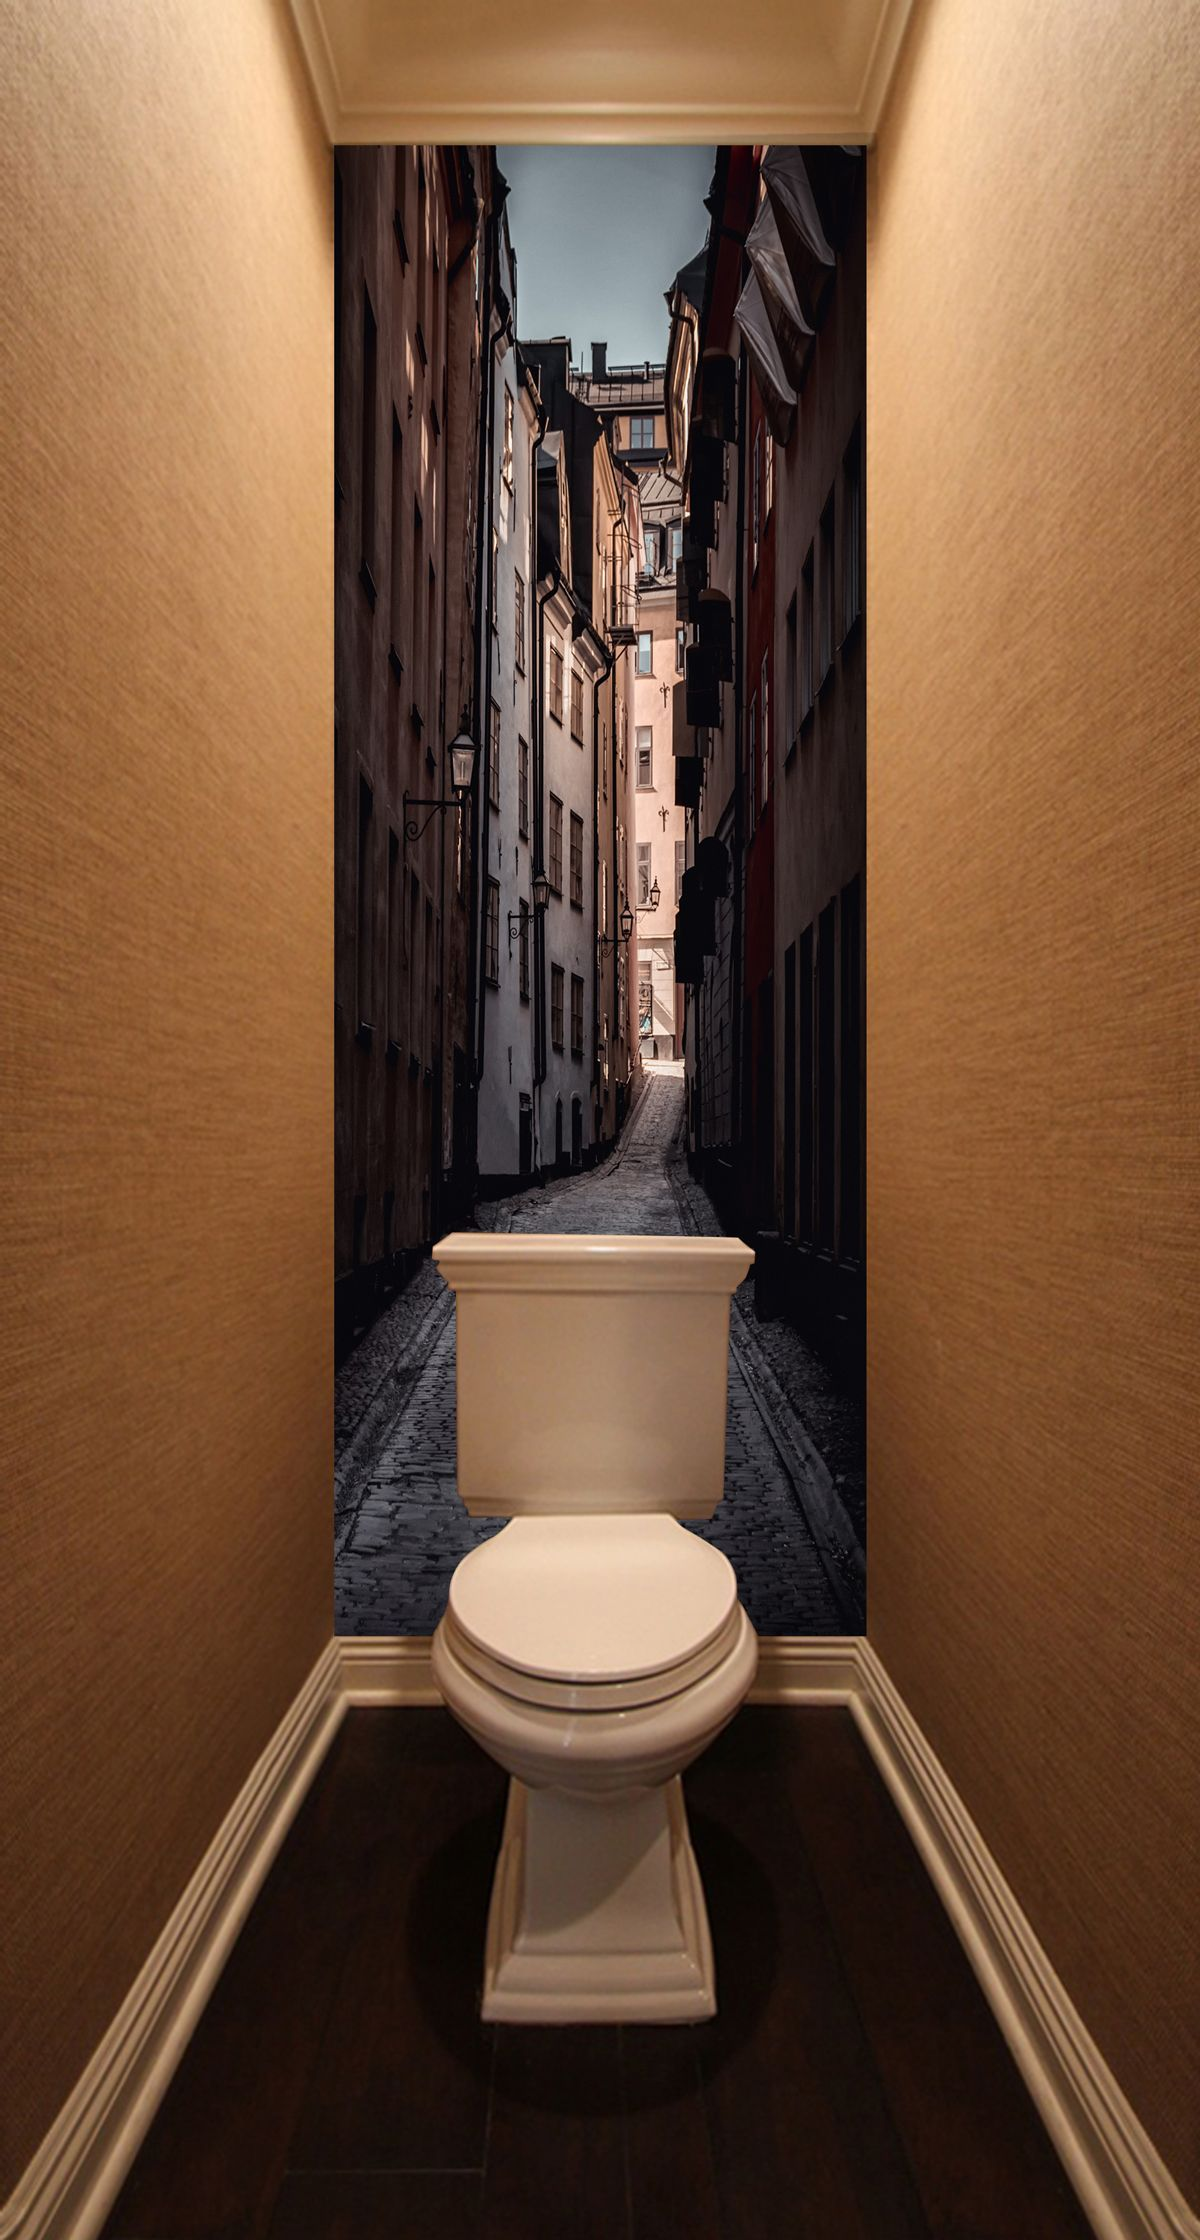 Фотообои в туалет - Улочка купить в магазине Интерьерные наклейки